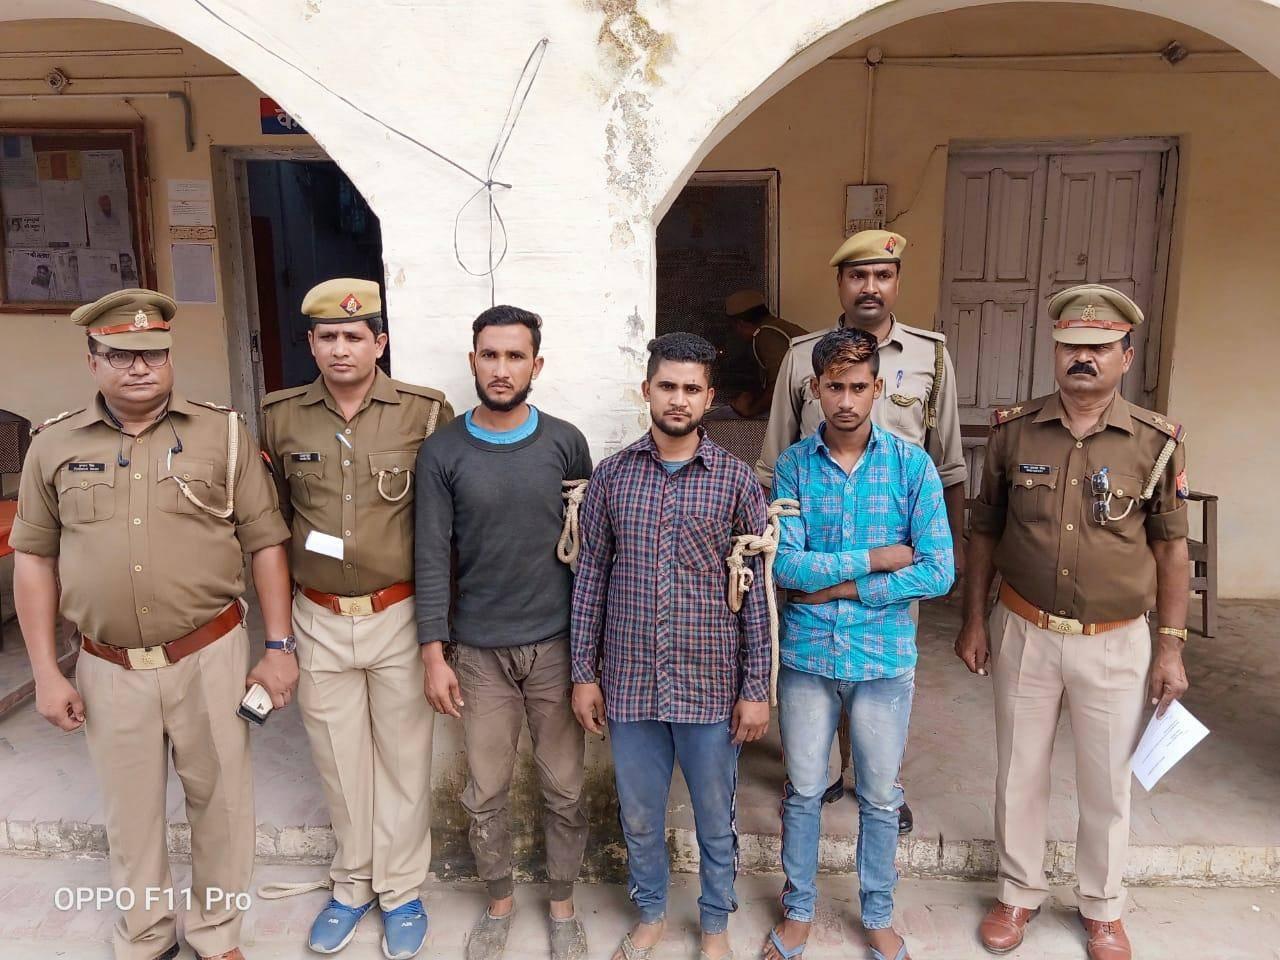 अमरिया थाना प्रभारी पुष्कर सिंह के नेतृत्व में गौकशी करते रंगे हाथों पकड़े गये अभियुक्तों को भेजा जेल